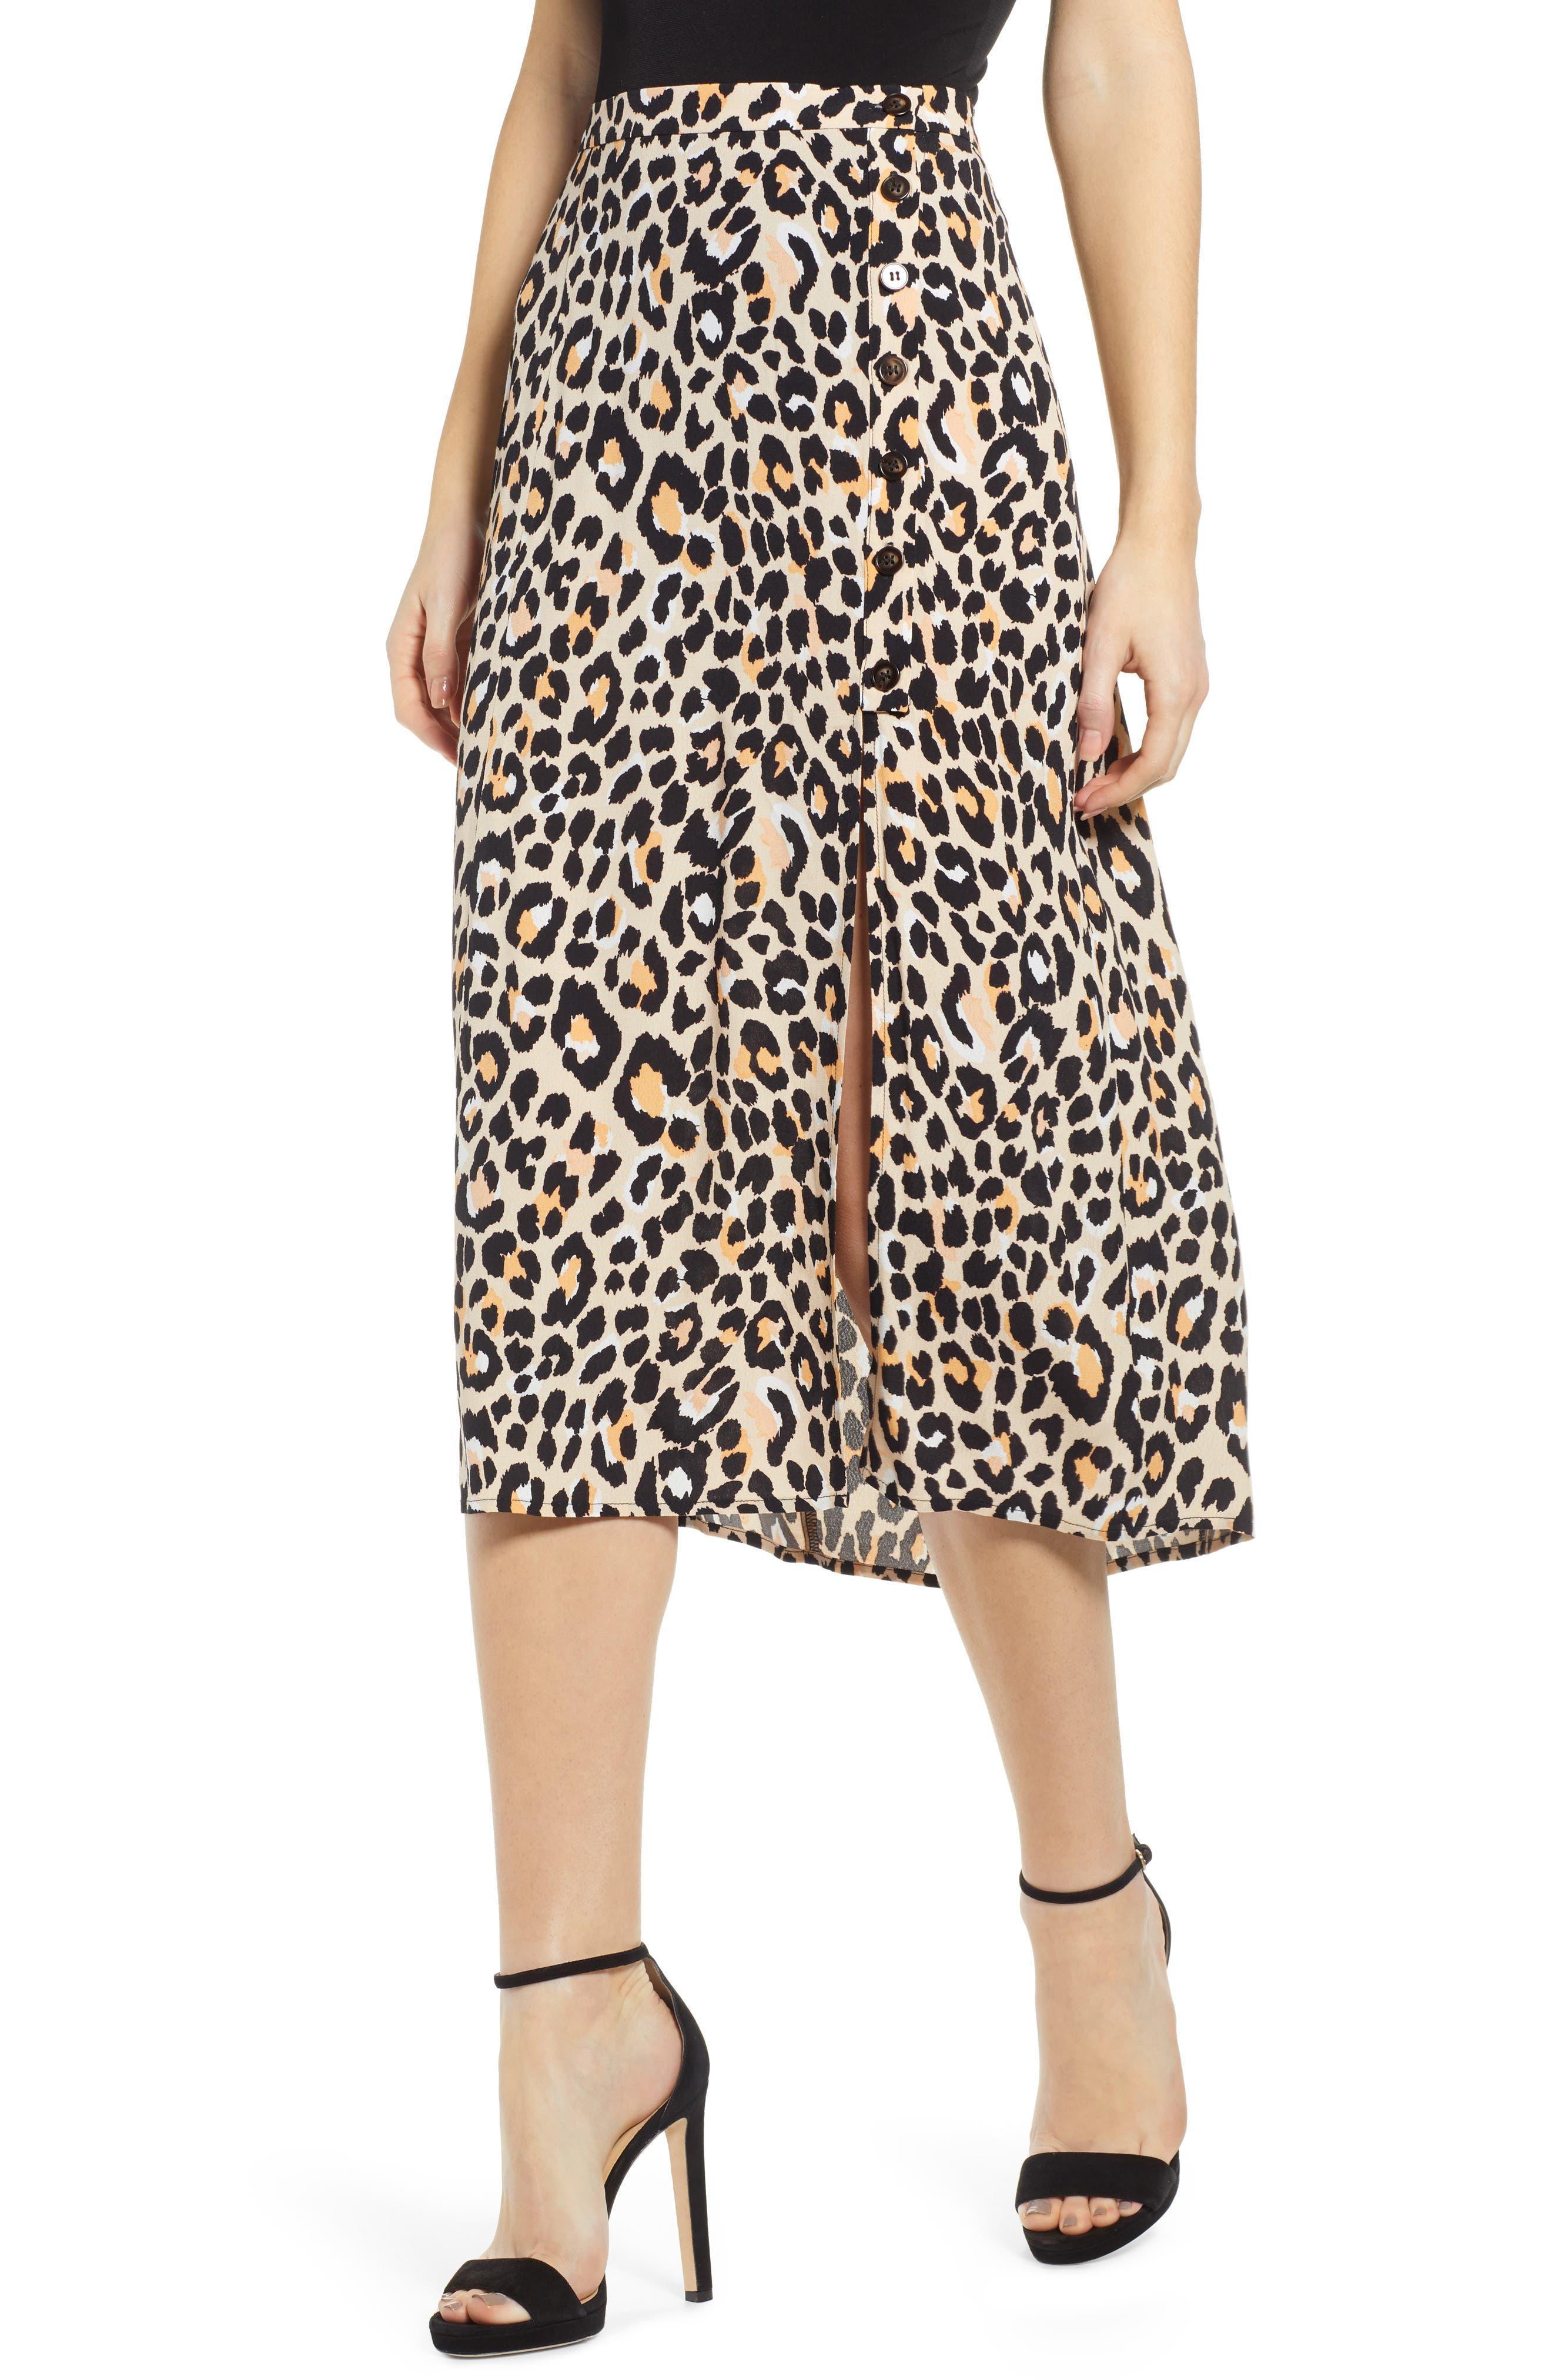 Astr The Label Leopard Print Button Front Midi Cotton Blend Skirt, Black